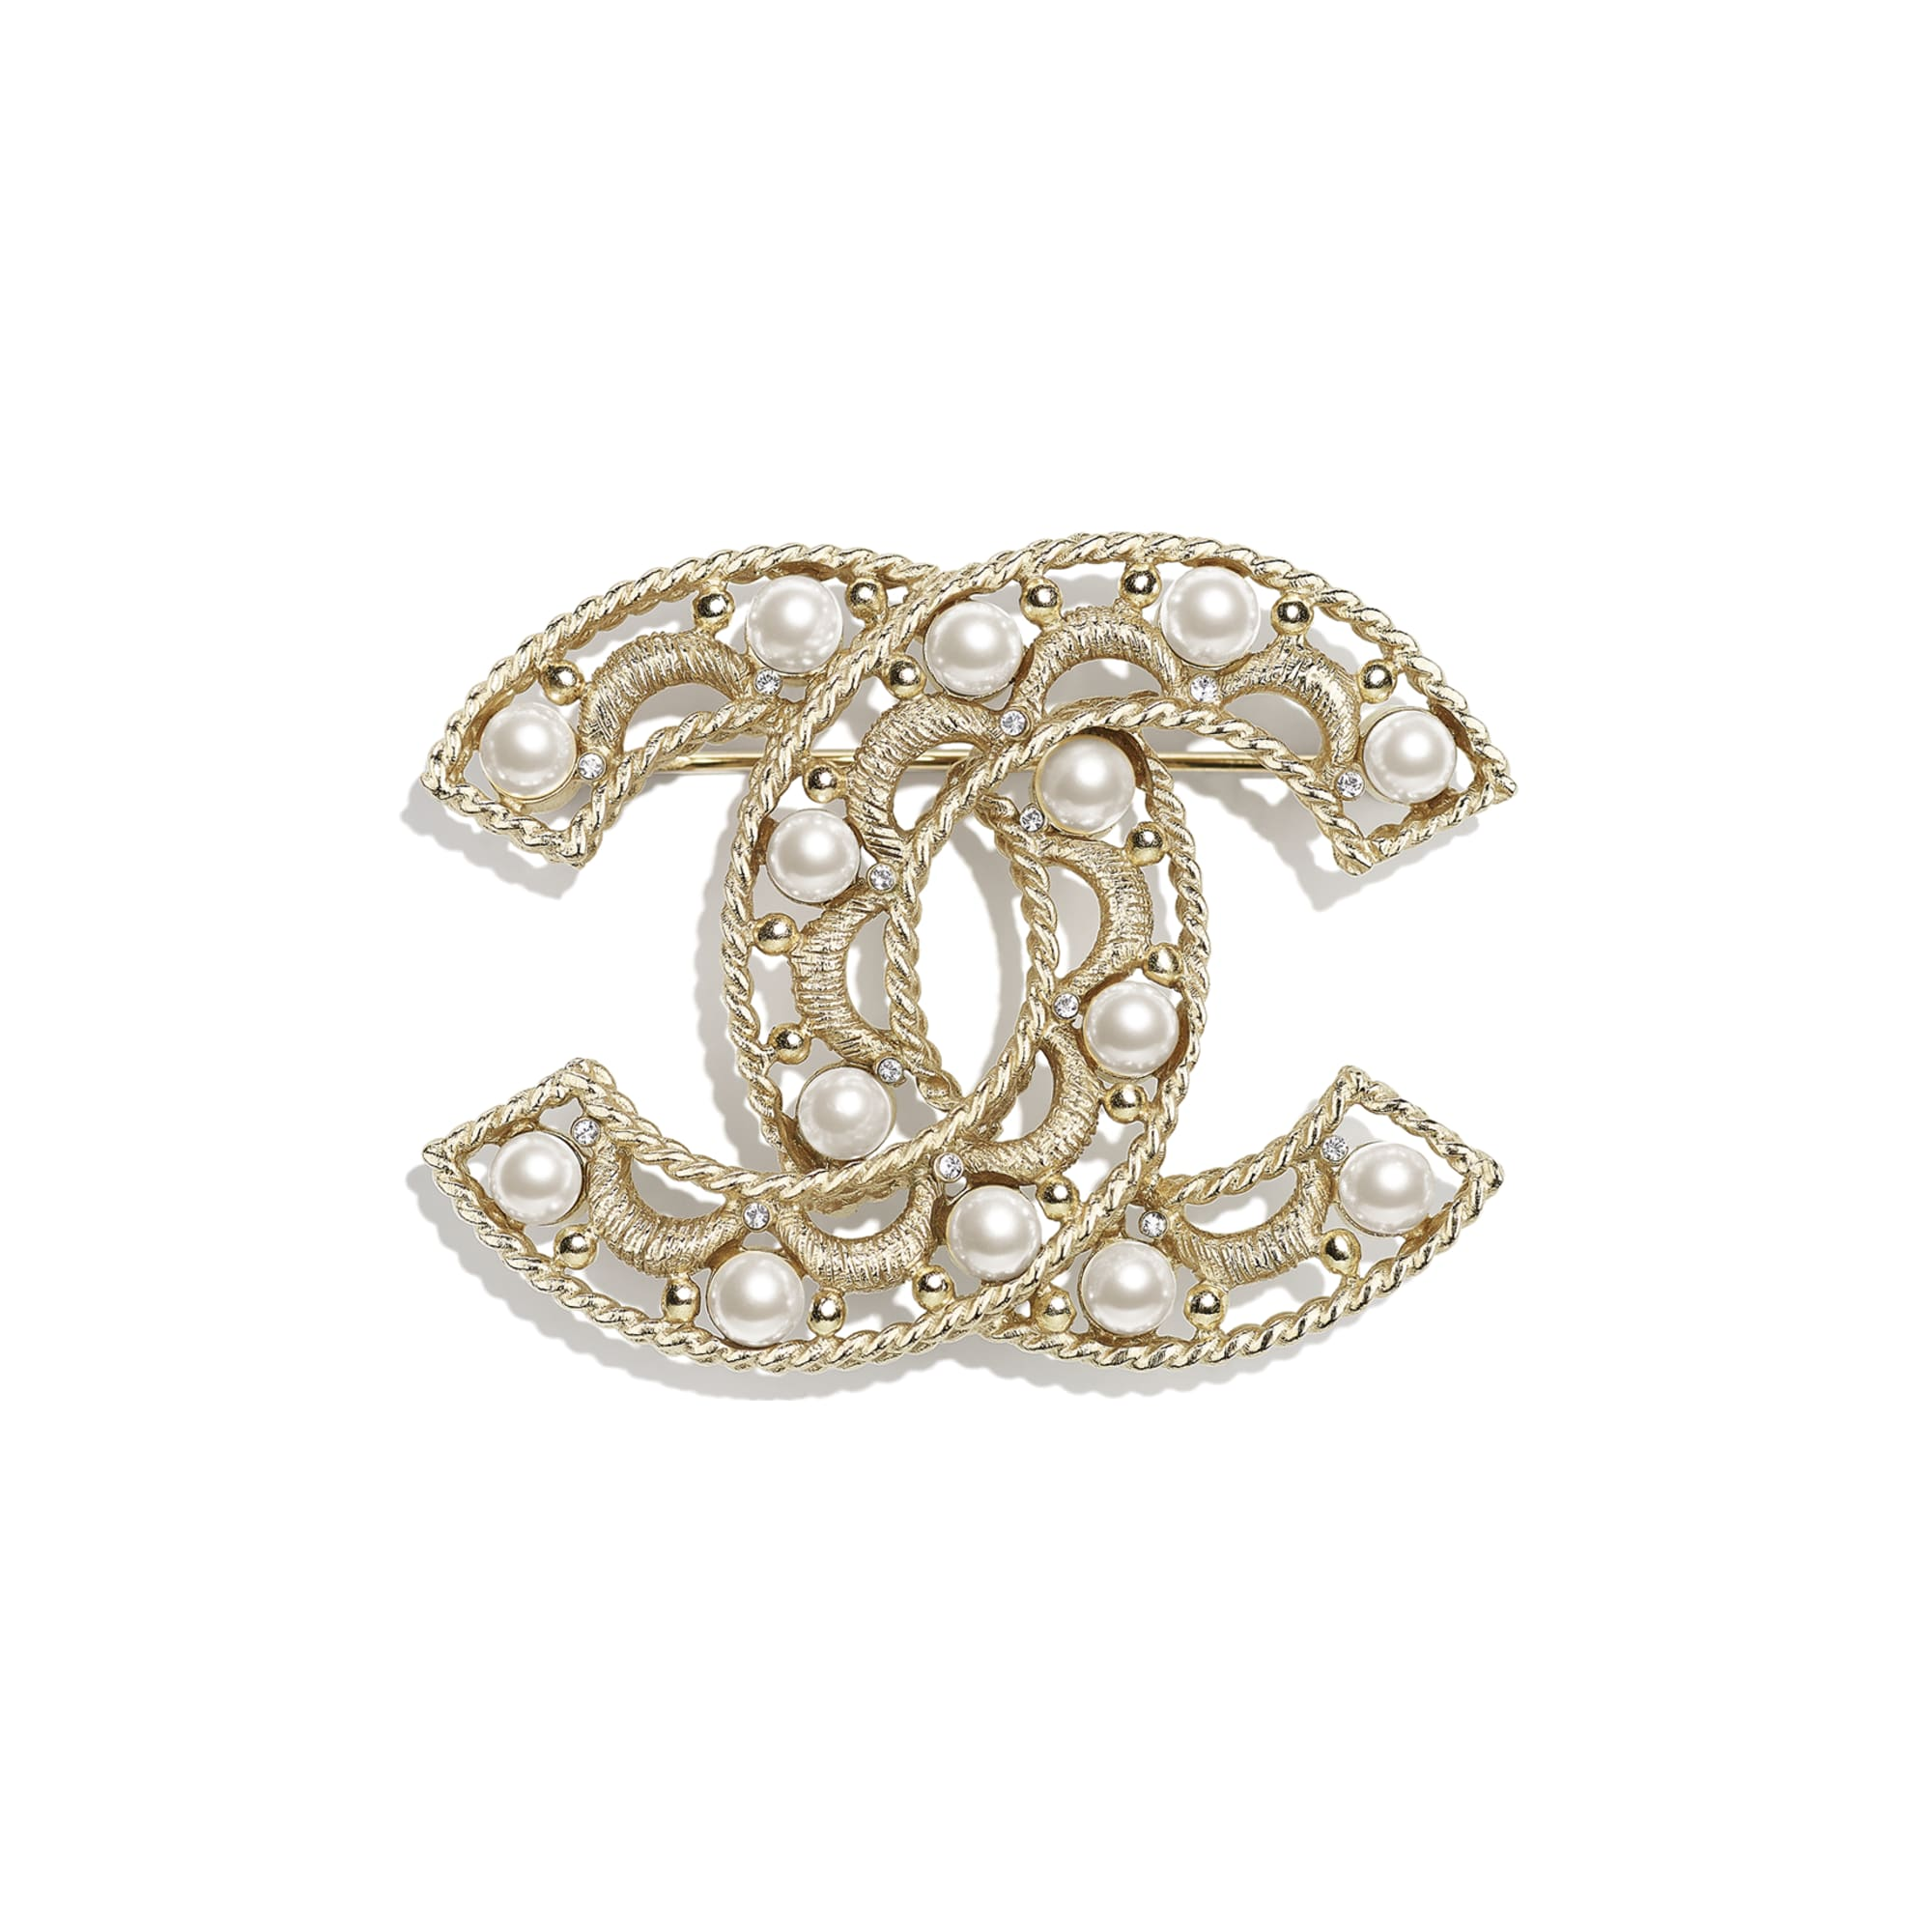 胸針 - 金、珍珠白與水晶 - 金屬、琉璃珠與水鑽 - CHANEL - 預設視圖 - 查看標準尺寸版本